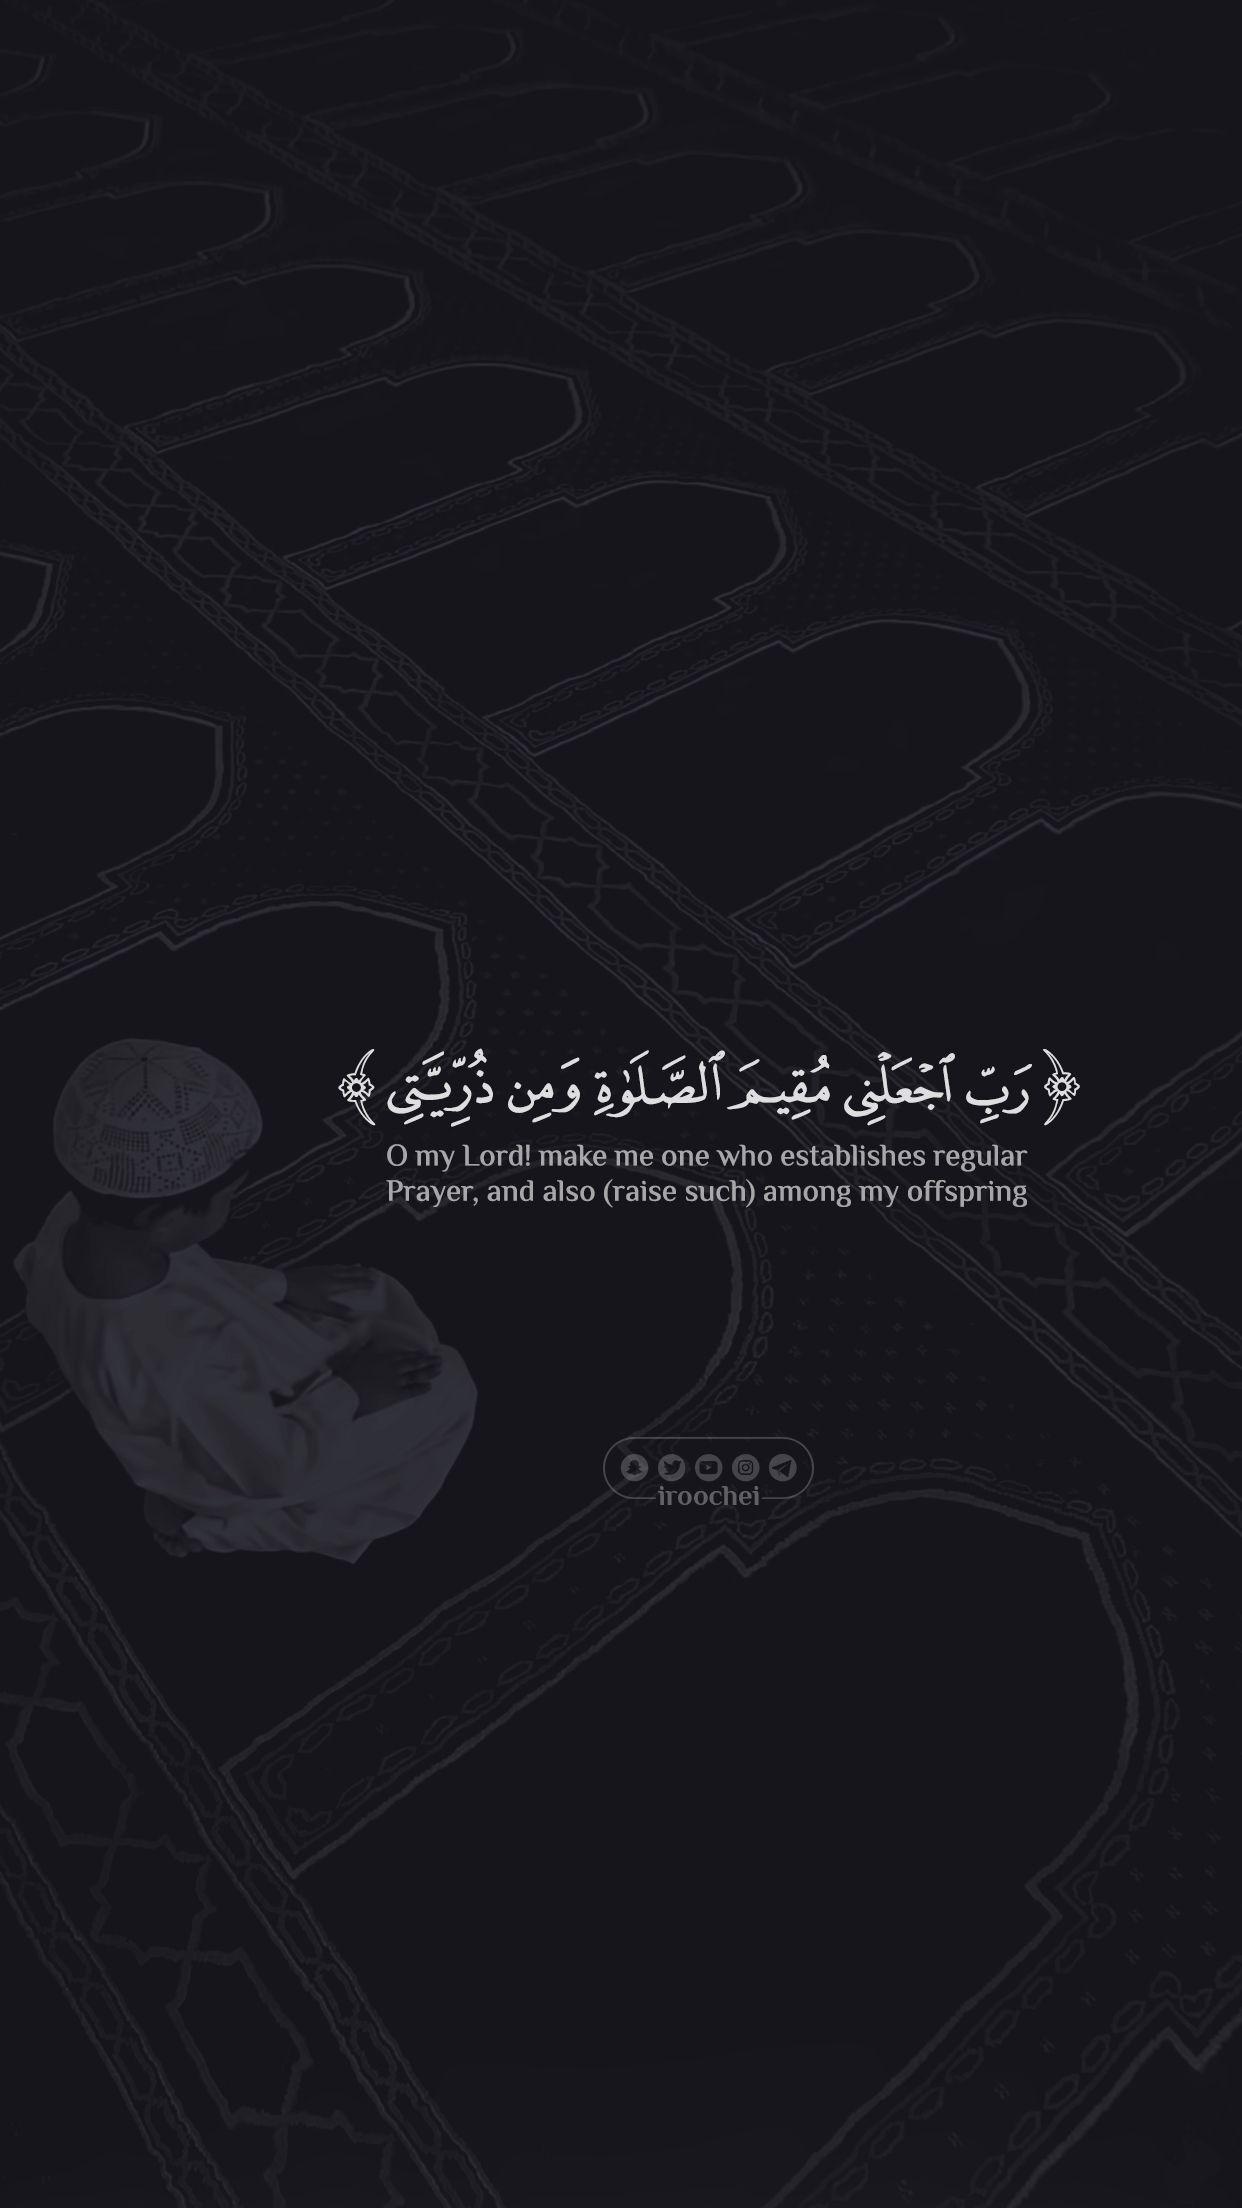 رب اجعلني مقيم الصلاة ومن ذريتي Quran Quotes Quran Quotes Love Quran Quotes Inspirational